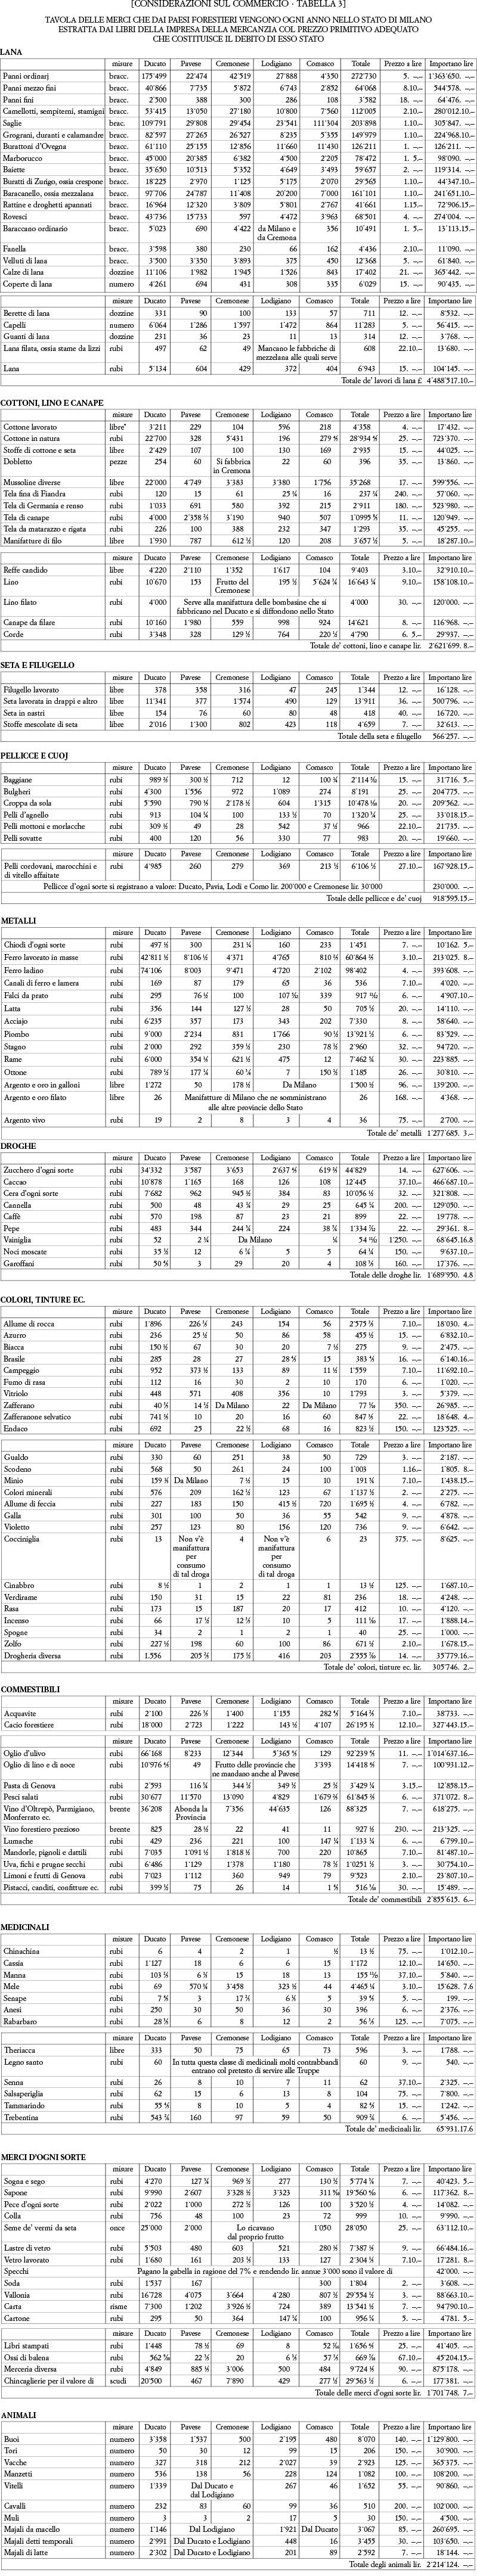 P-VERRI-Considerazioni-TABELLA-3